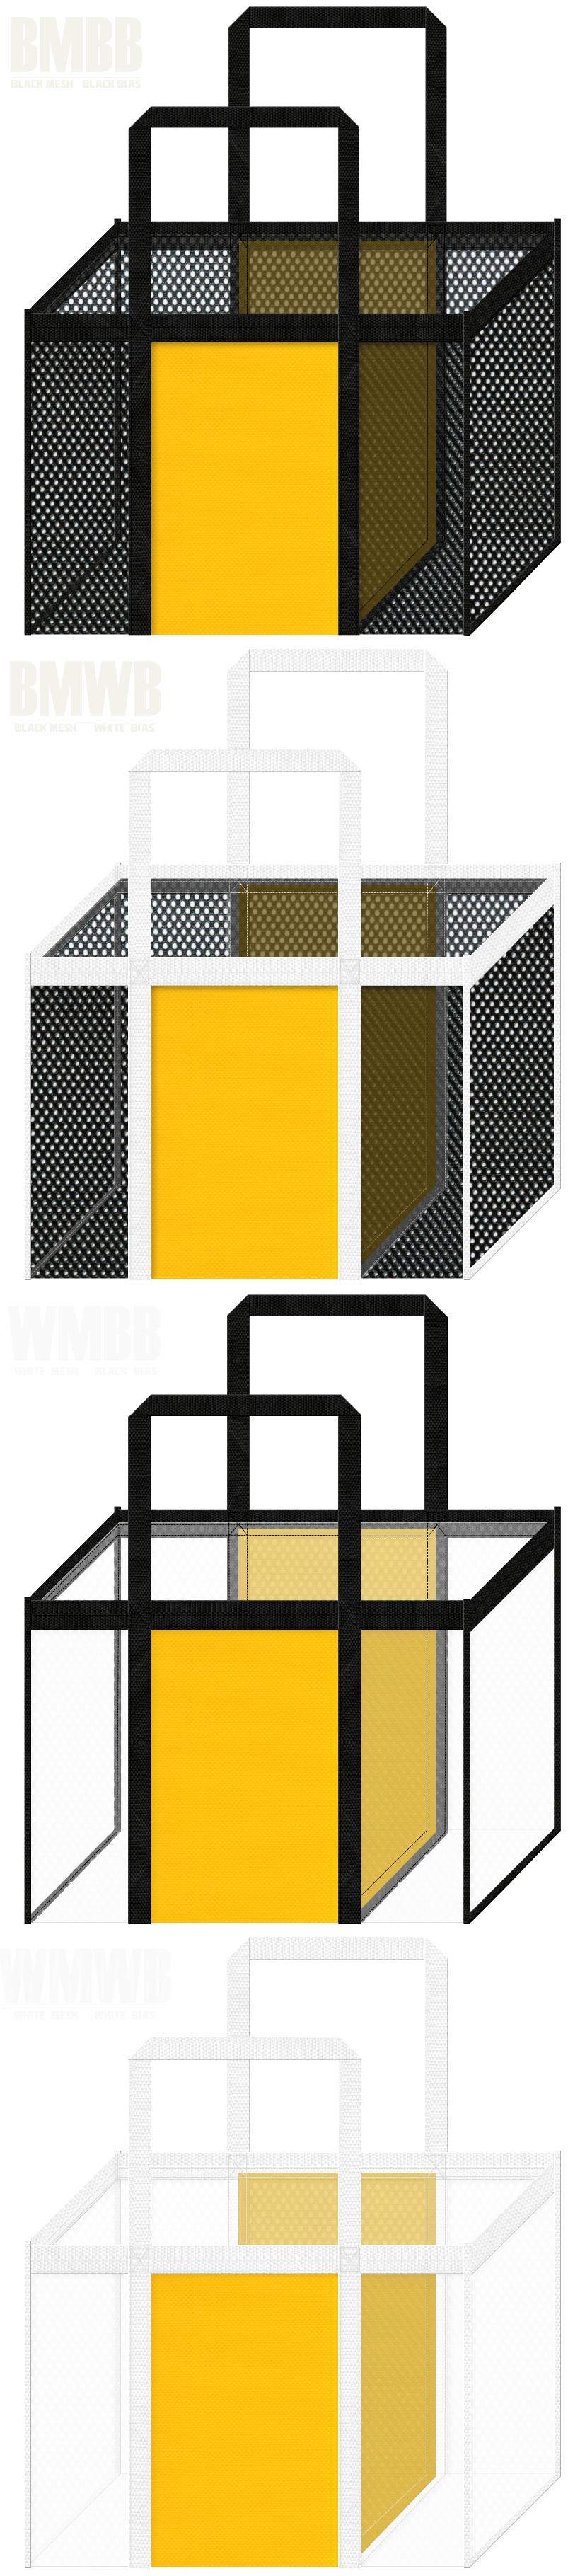 角型メッシュバッグのカラーシミュレーション:黒色・白色メッシュと黄色不織布の組み合わせ